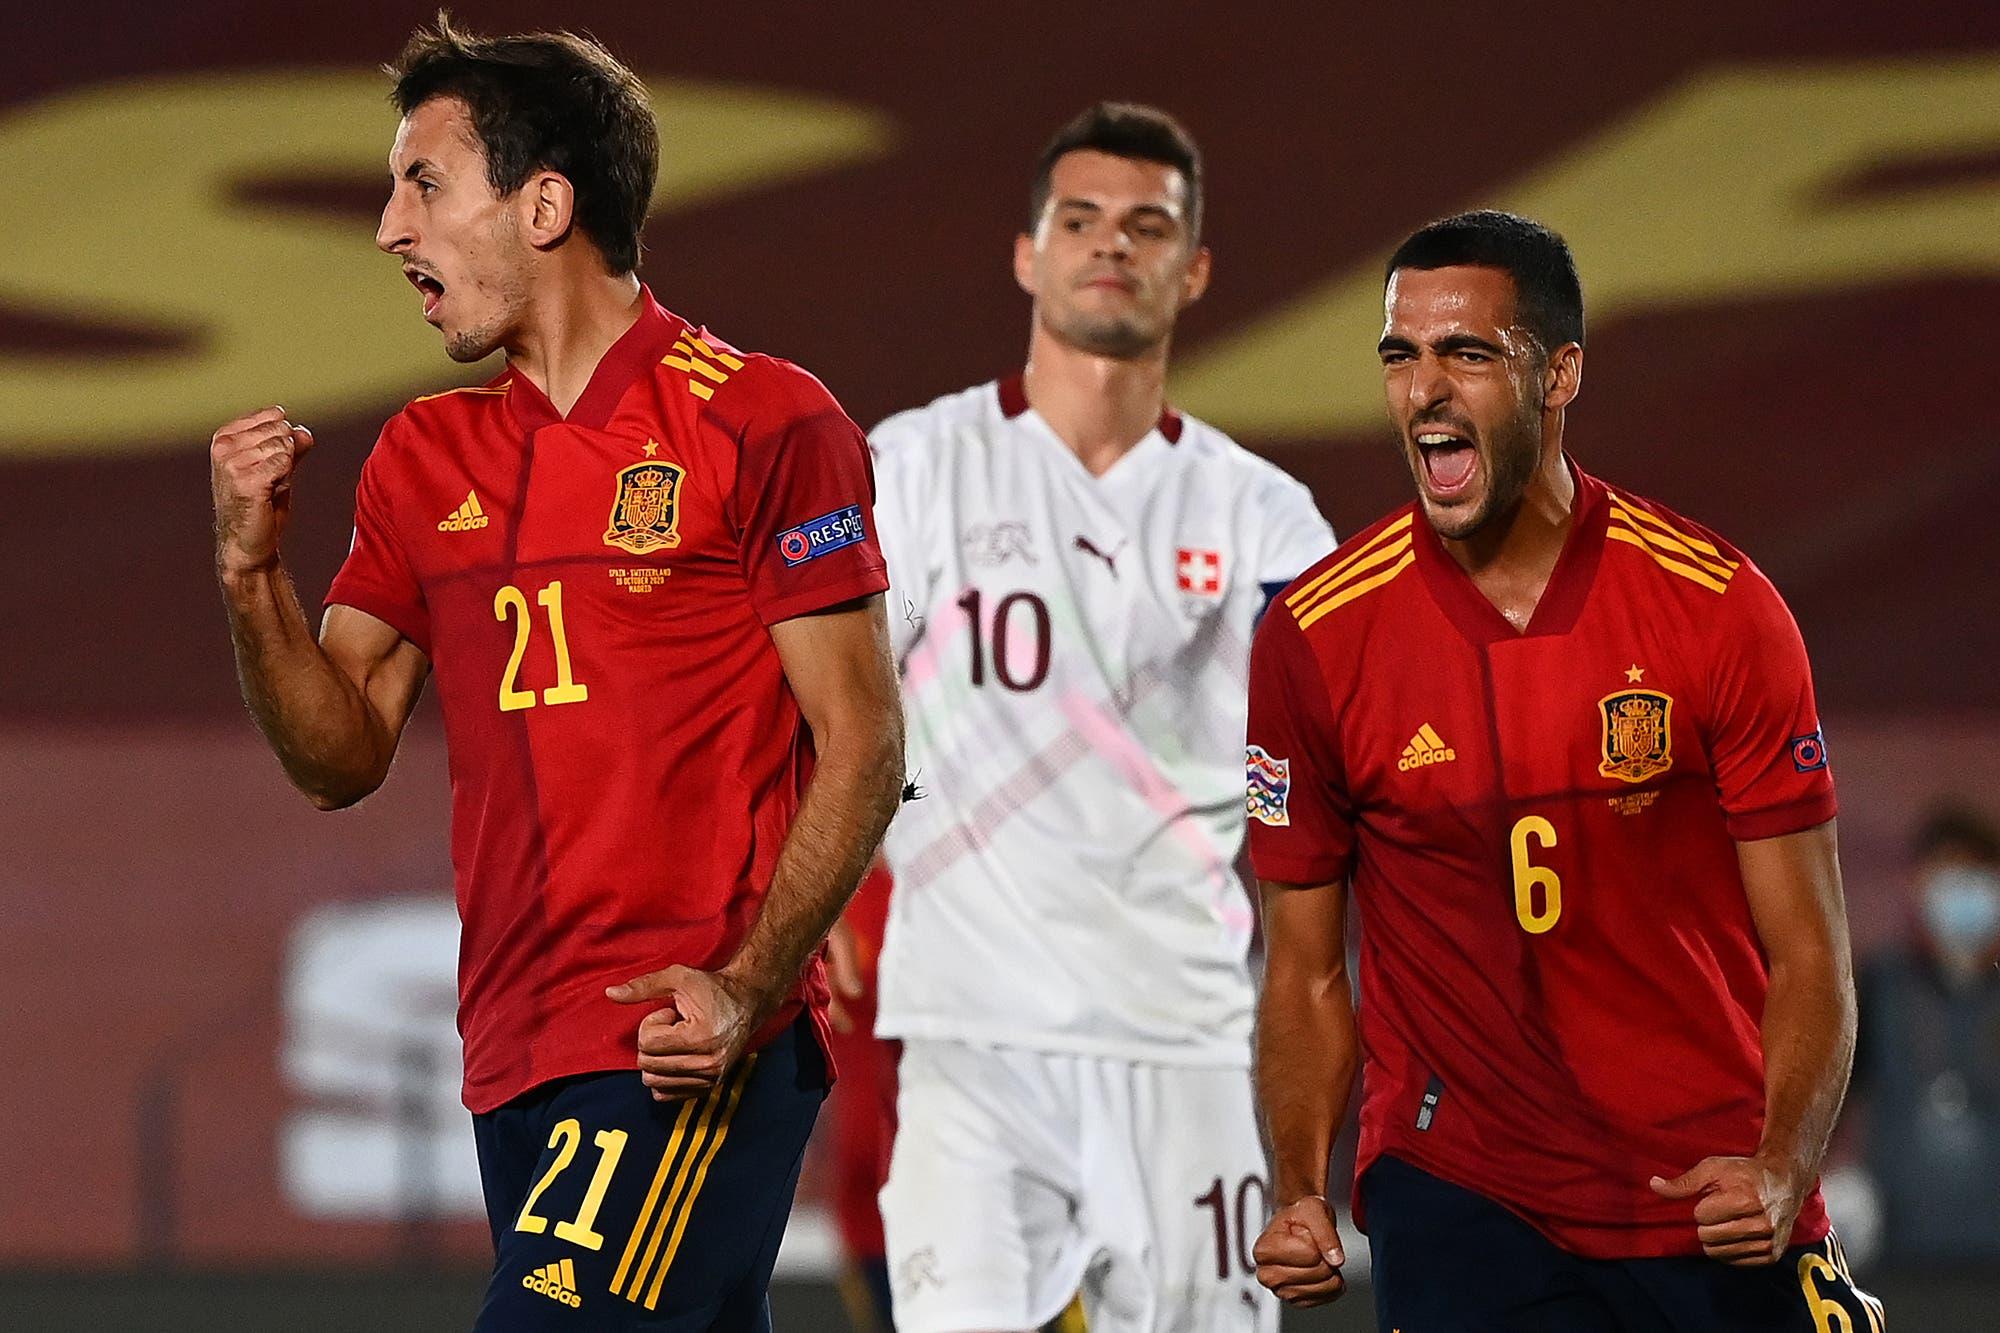 Liga de Naciones: España prolongó su invicto a 15 partidos y Alemania se reencontró con el triunfo